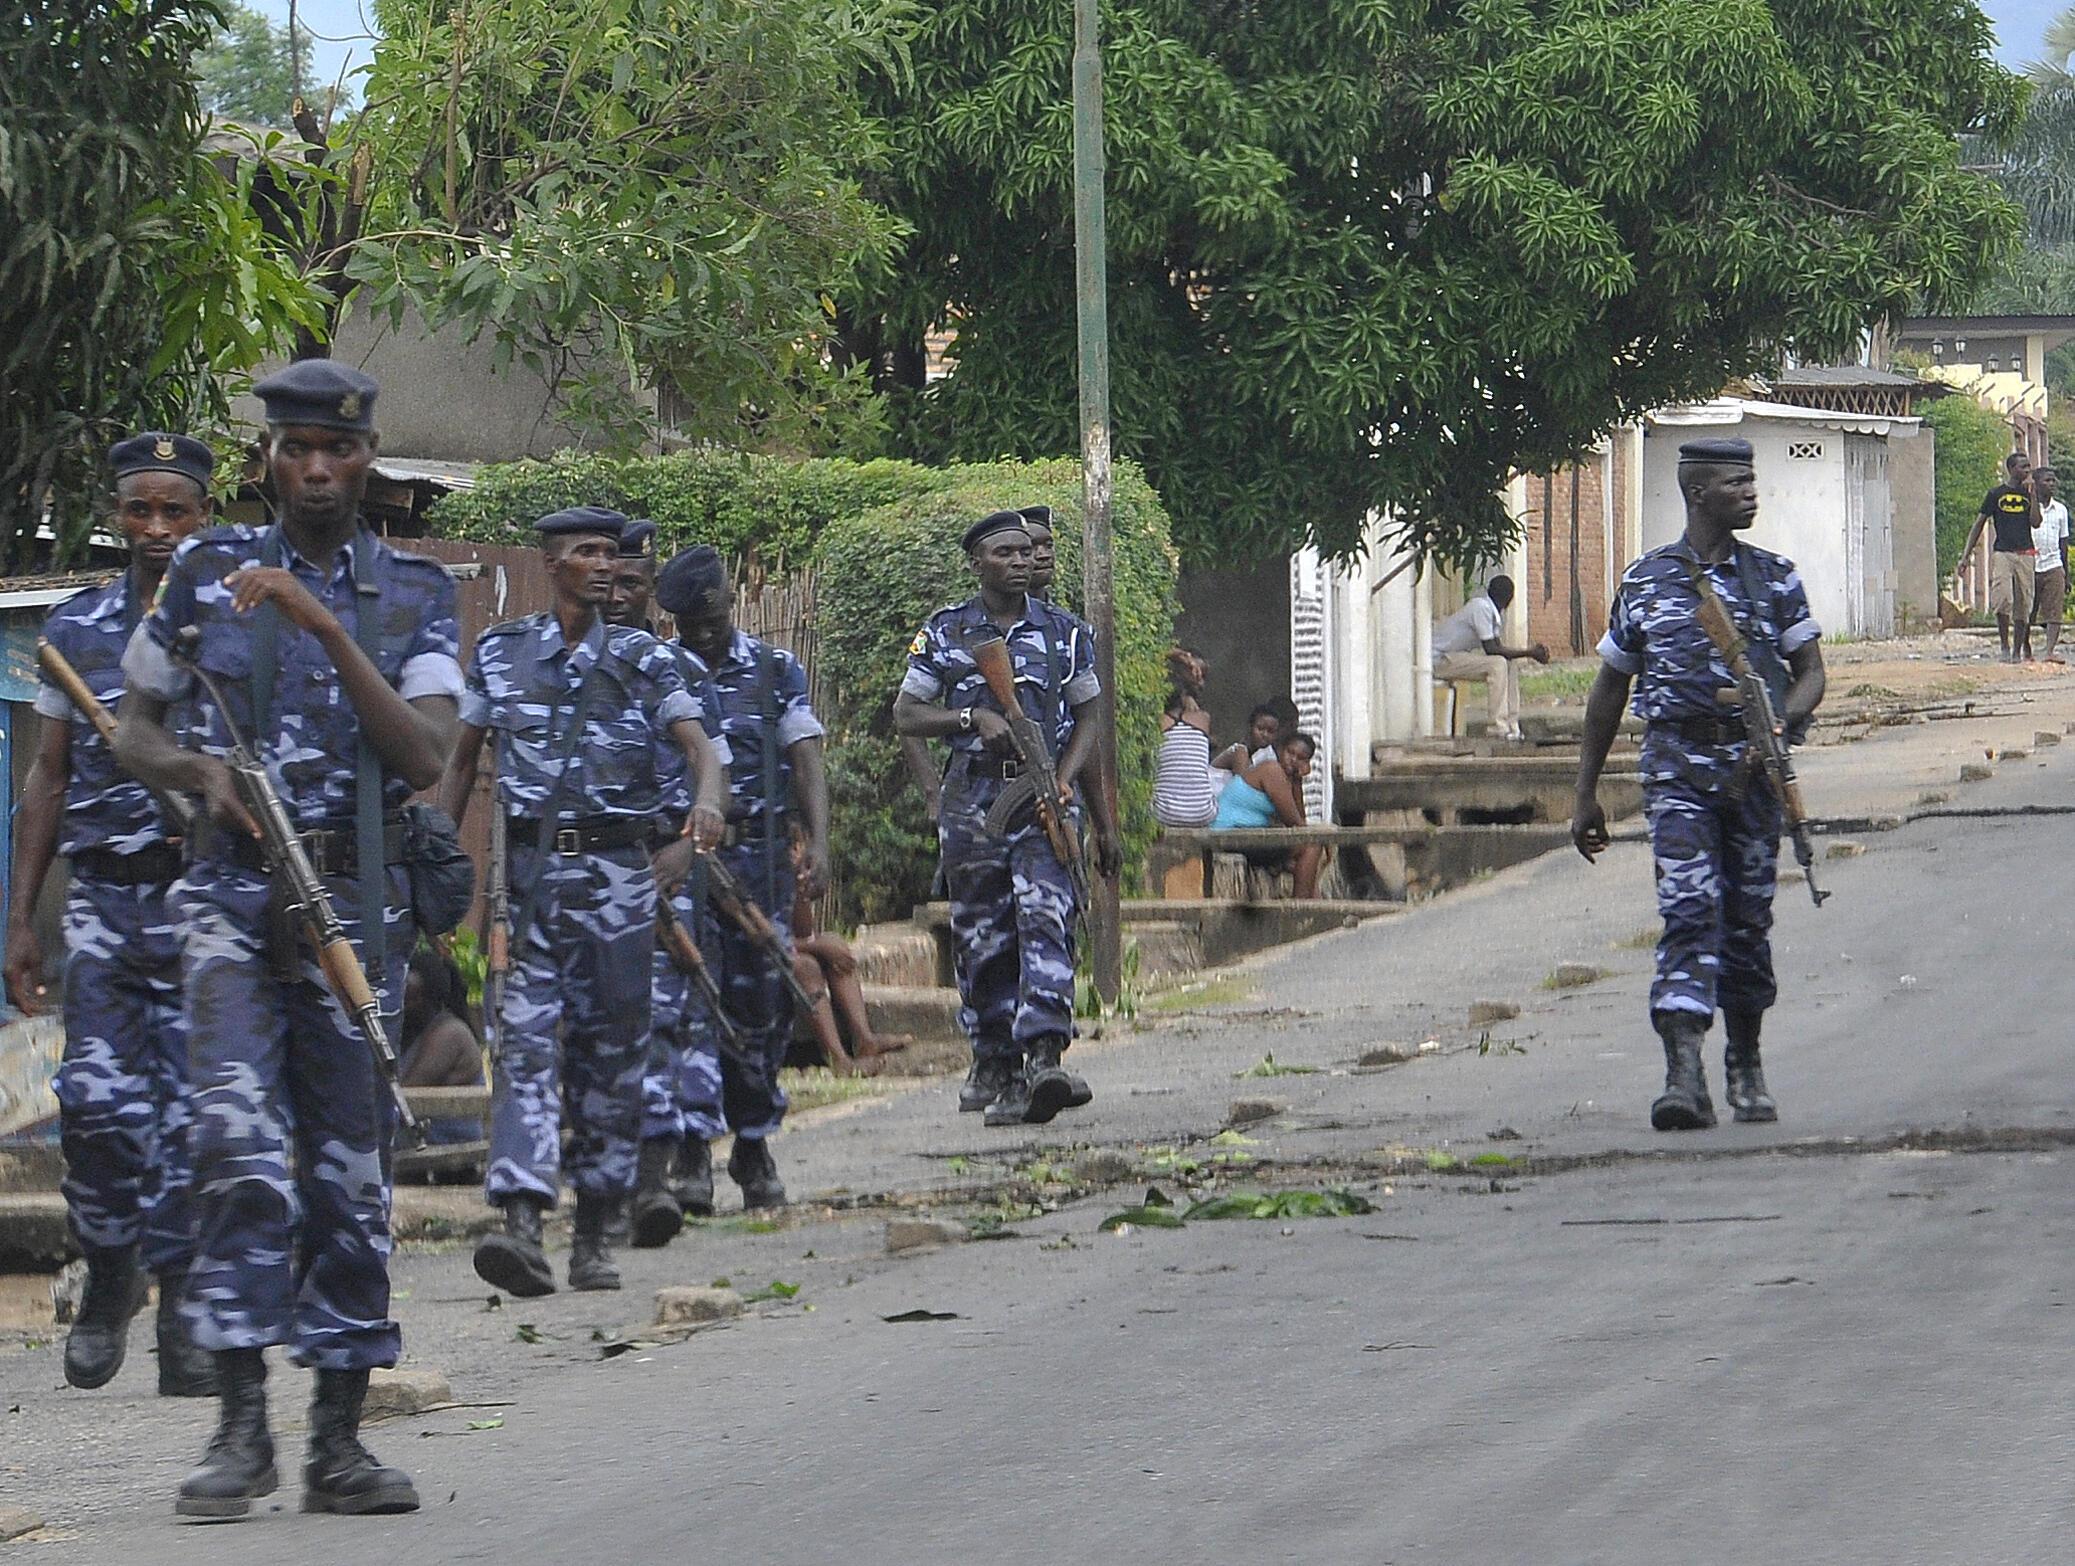 Des officiers de la police patrouillent dans le quartier de Ngagara, à Bujumbura, le 27 avril 2015.